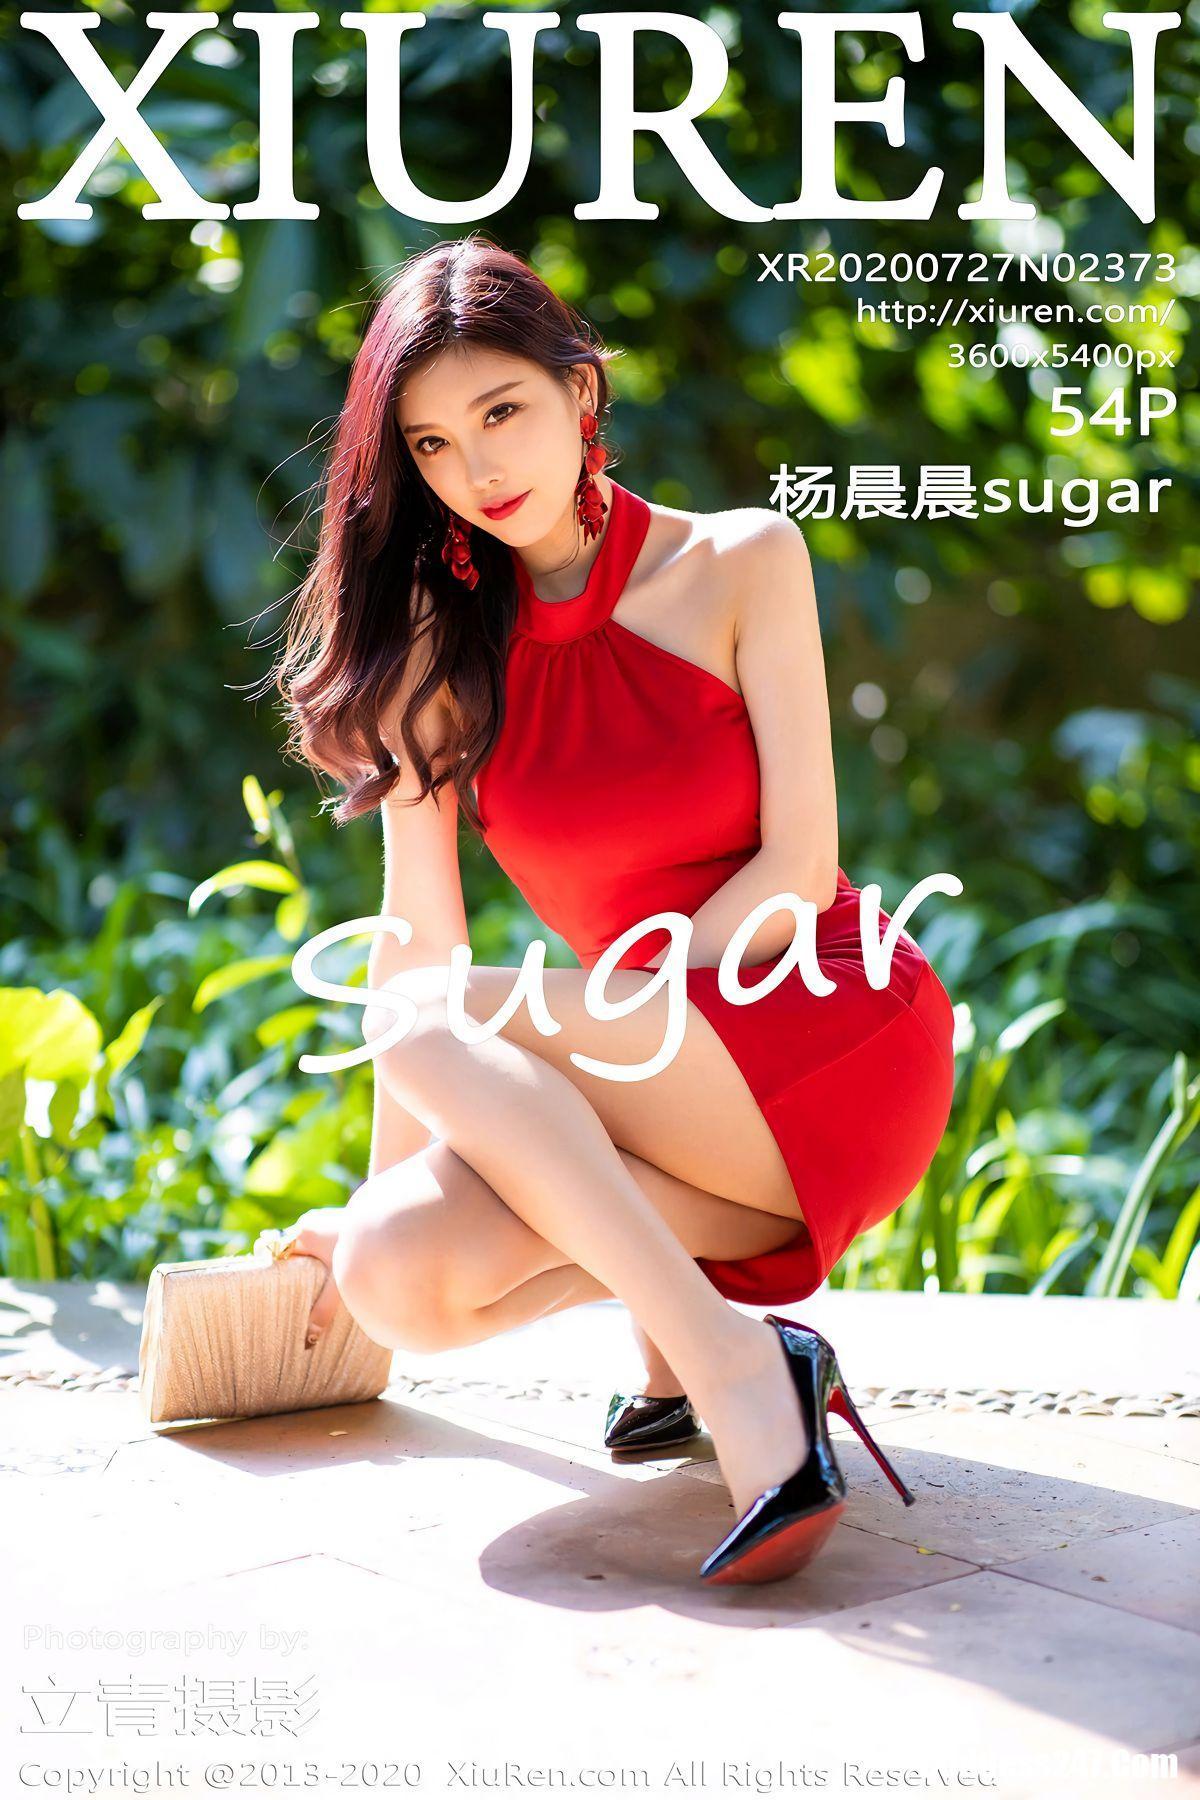 XiuRen秀人网 Vol.2373 杨晨晨sugar